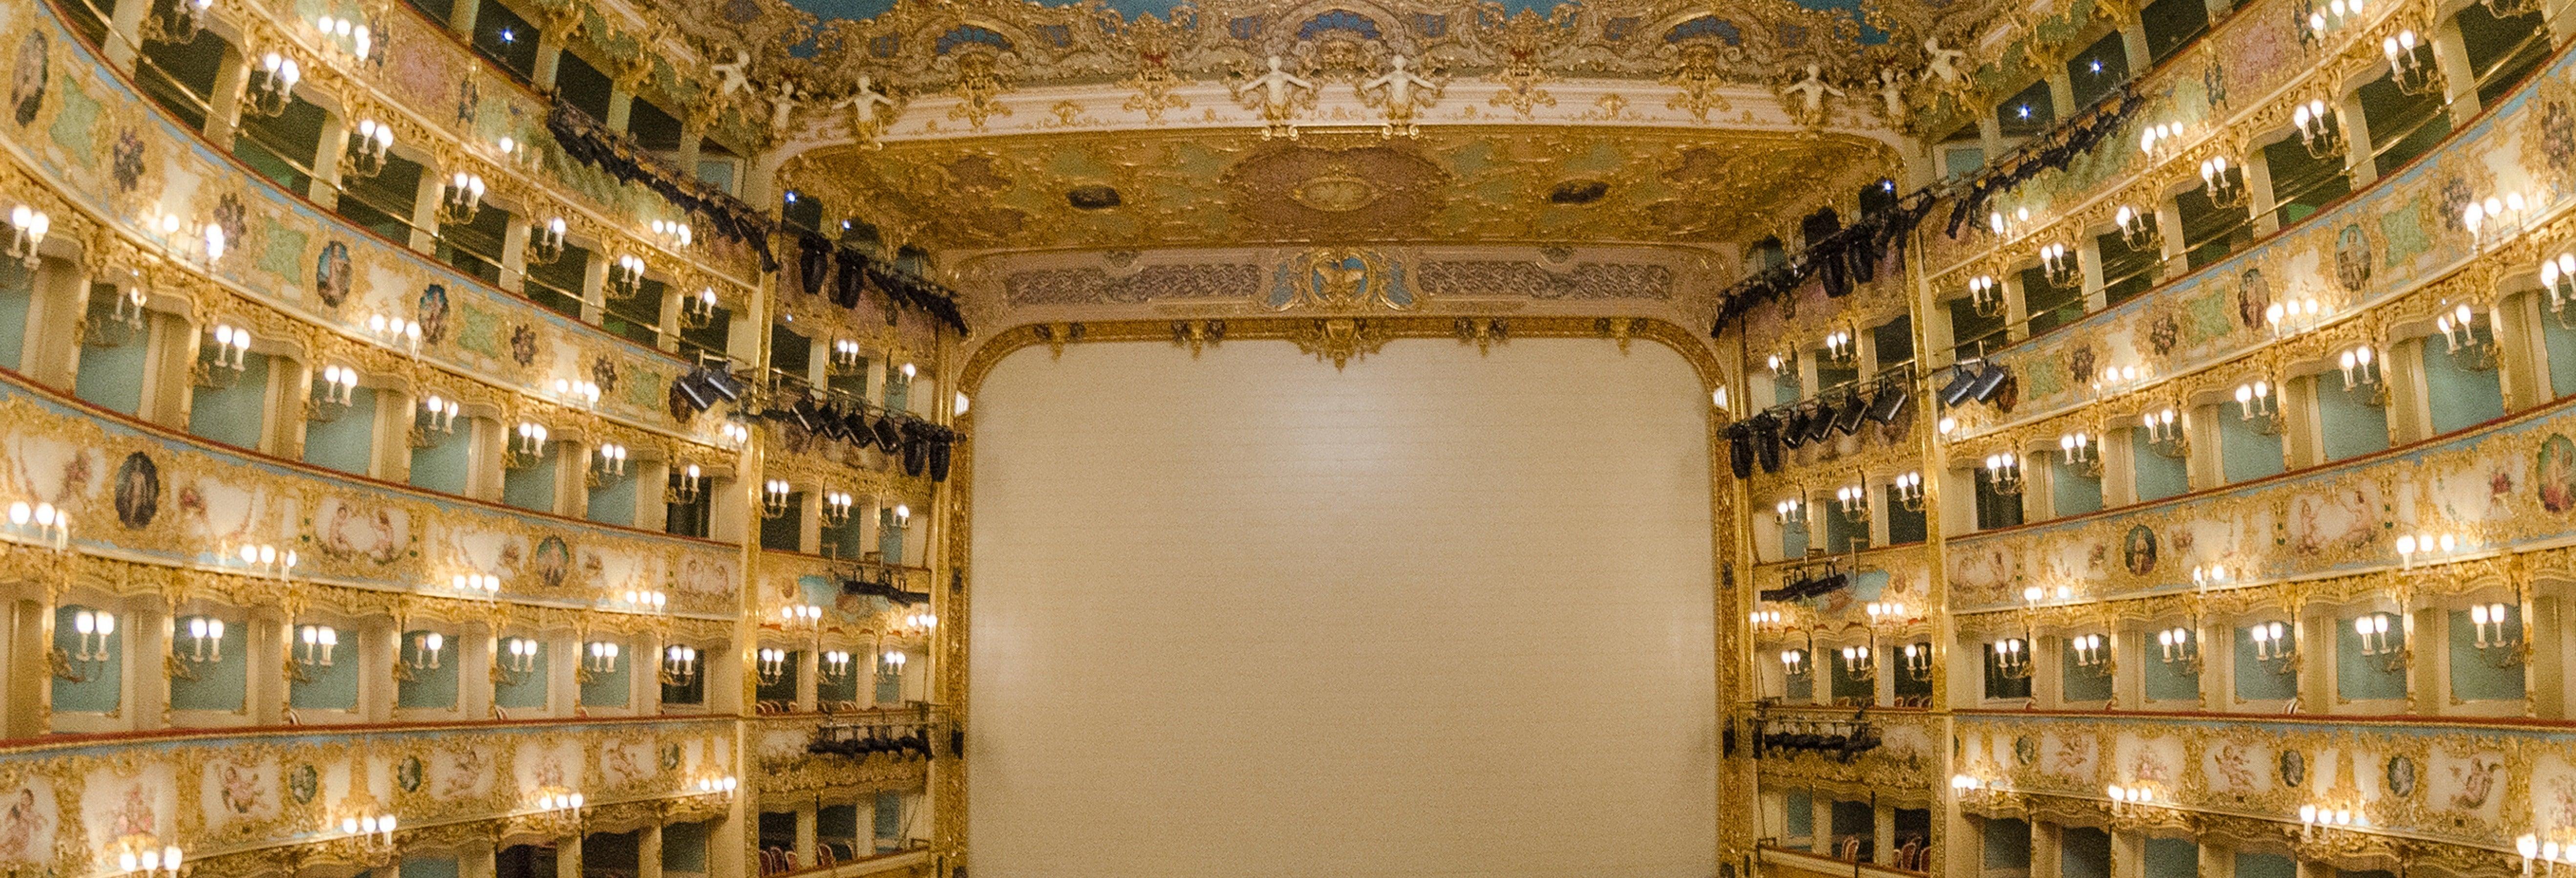 Entrada al Teatro La Fenice